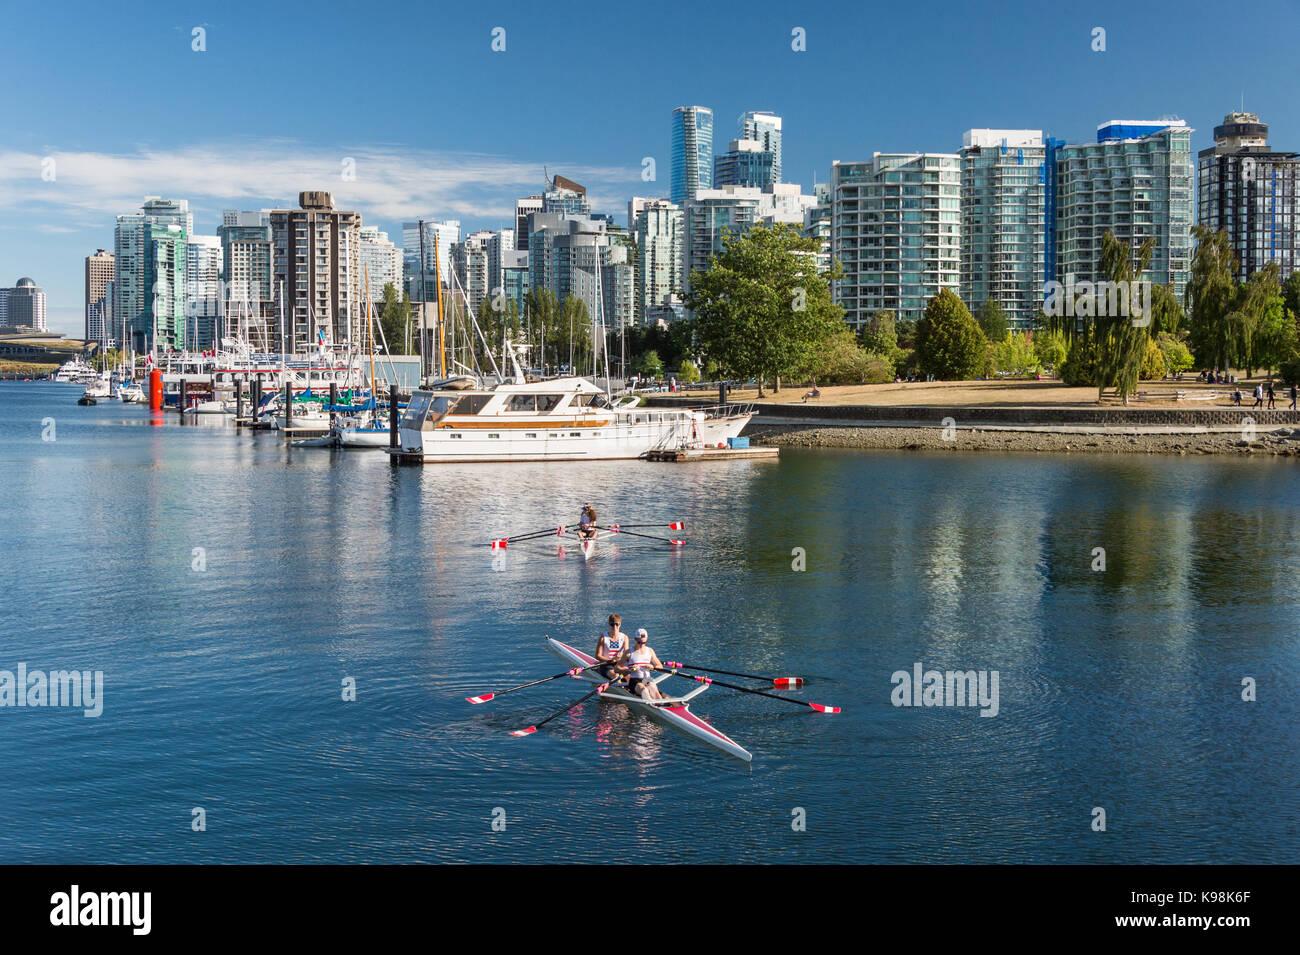 Vancouver, British Columbia, Canadá - 12 de septiembre de 2017: El Stanley Park y el horizonte de Vancouver. Imagen De Stock